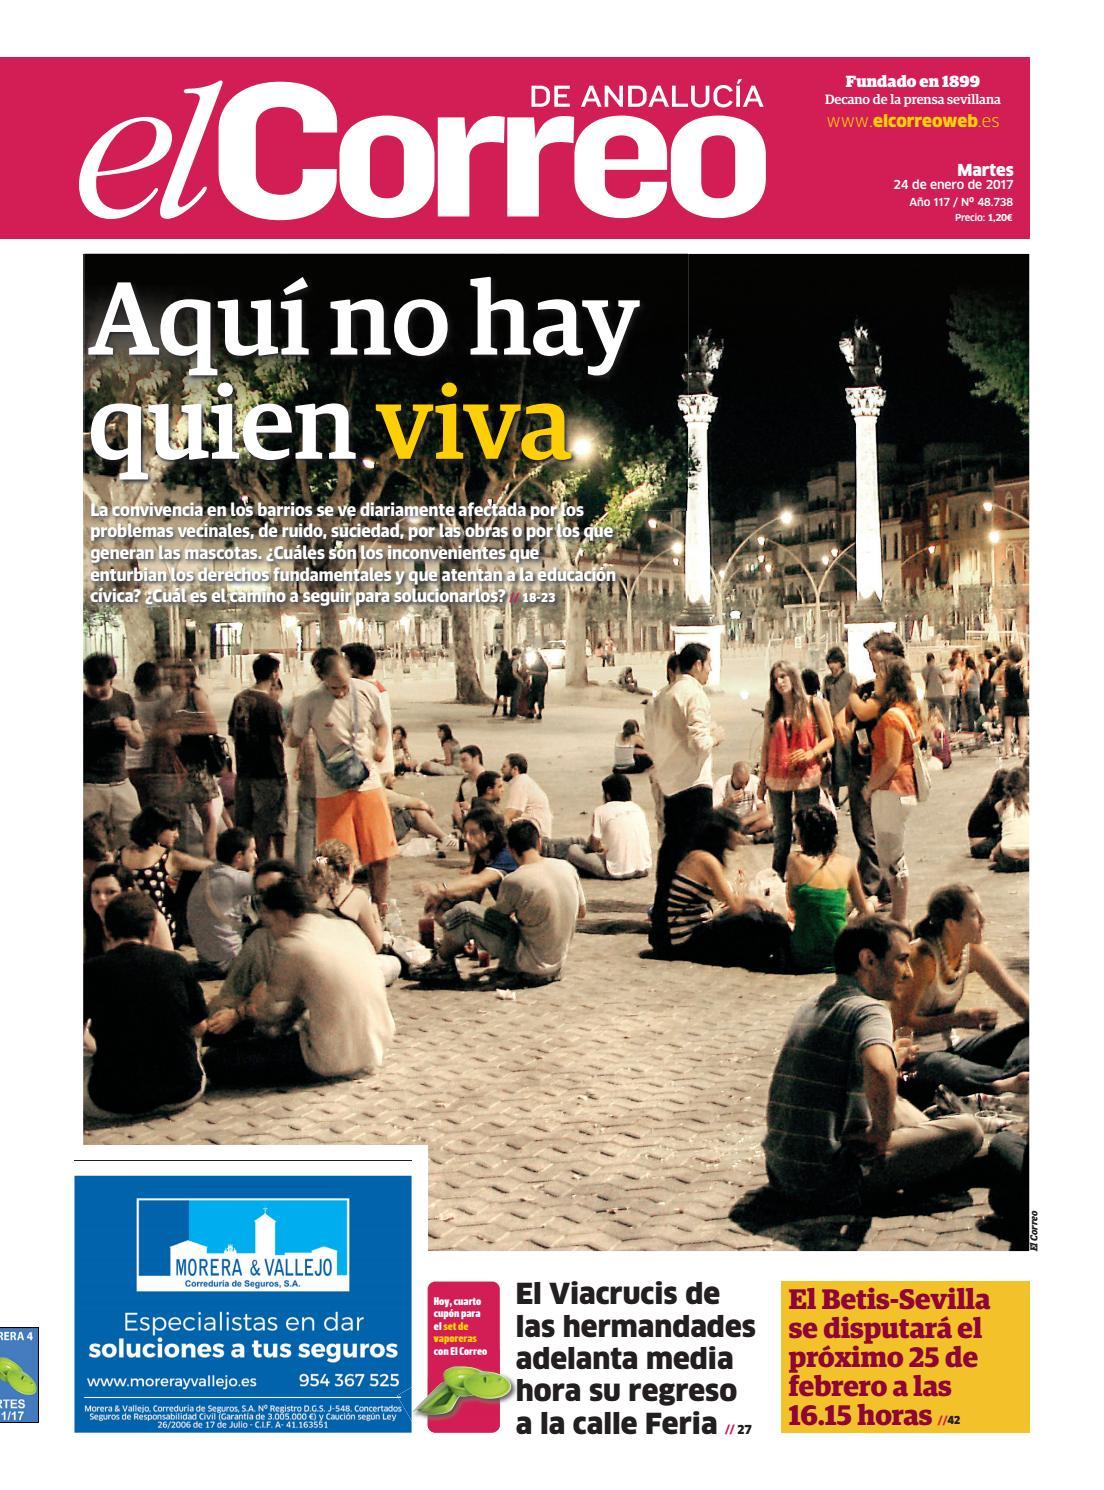 24 01 2017 El Correo de Andalucía by EL CORREO DE ANDALUCÍA S.L. - issuu 7321c67f42f